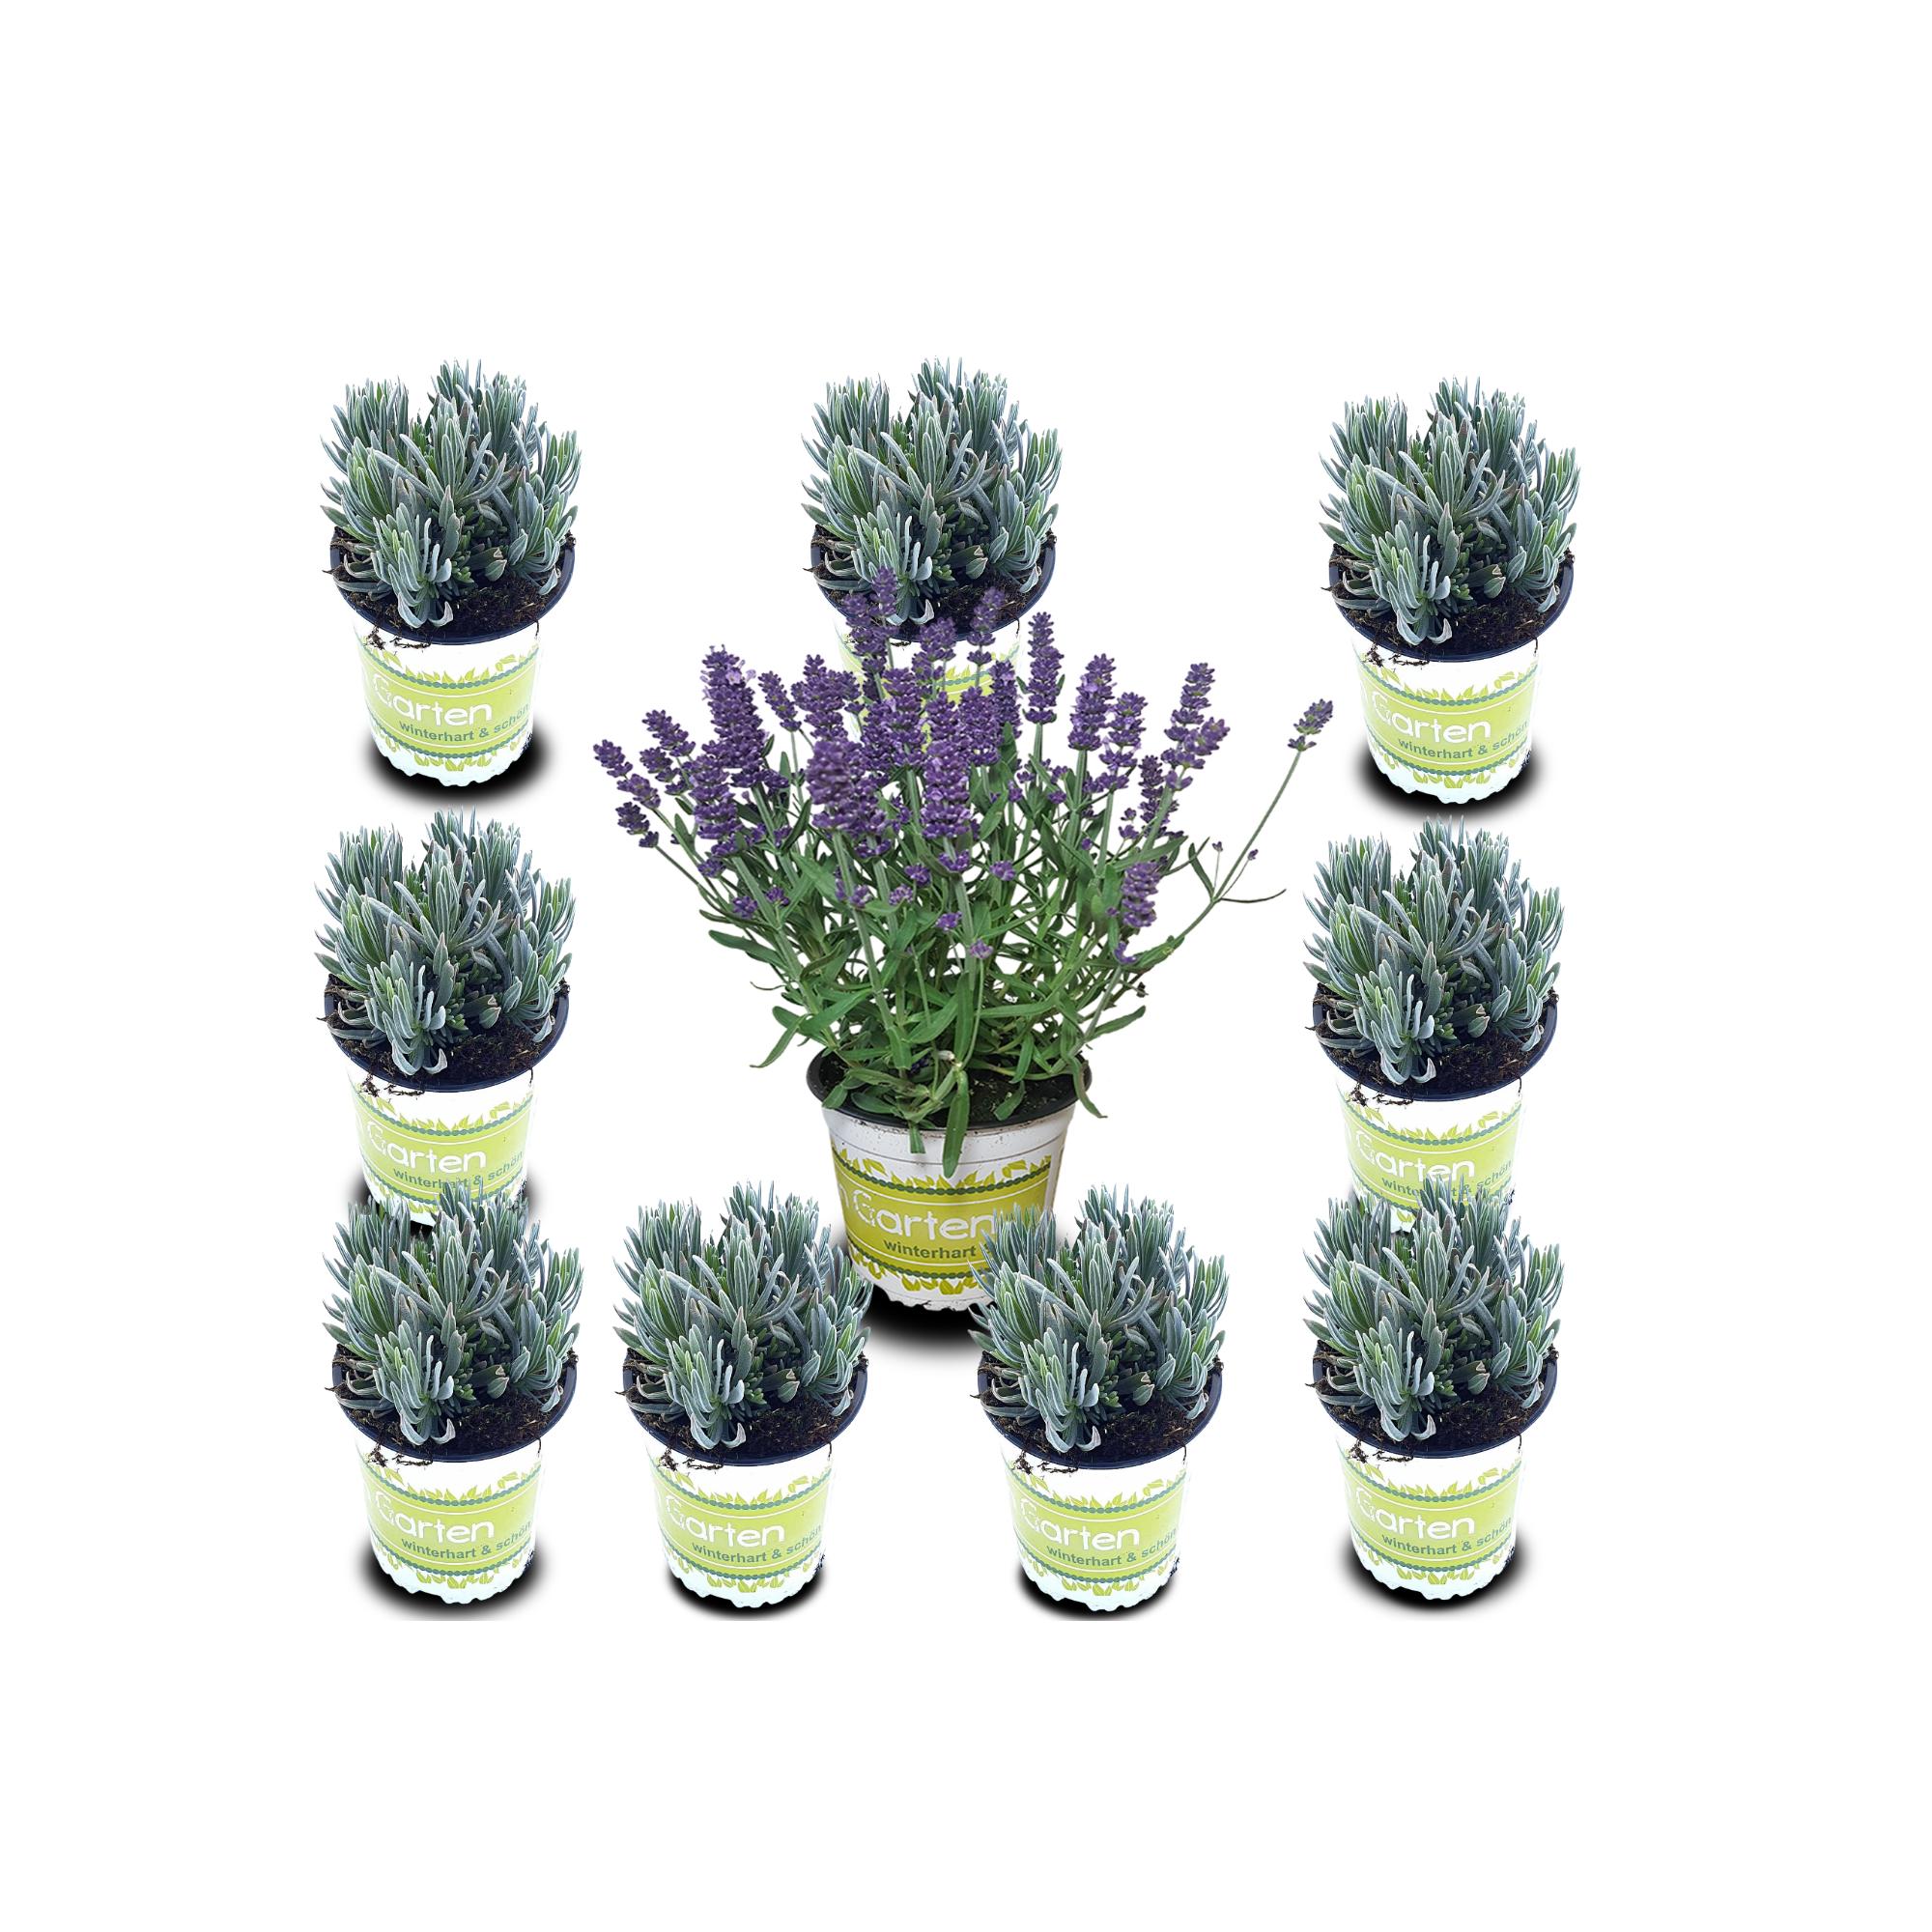 10 Lavendel-Pflanzen im Set / frische Duftpflanzen / Gartenpflanzen